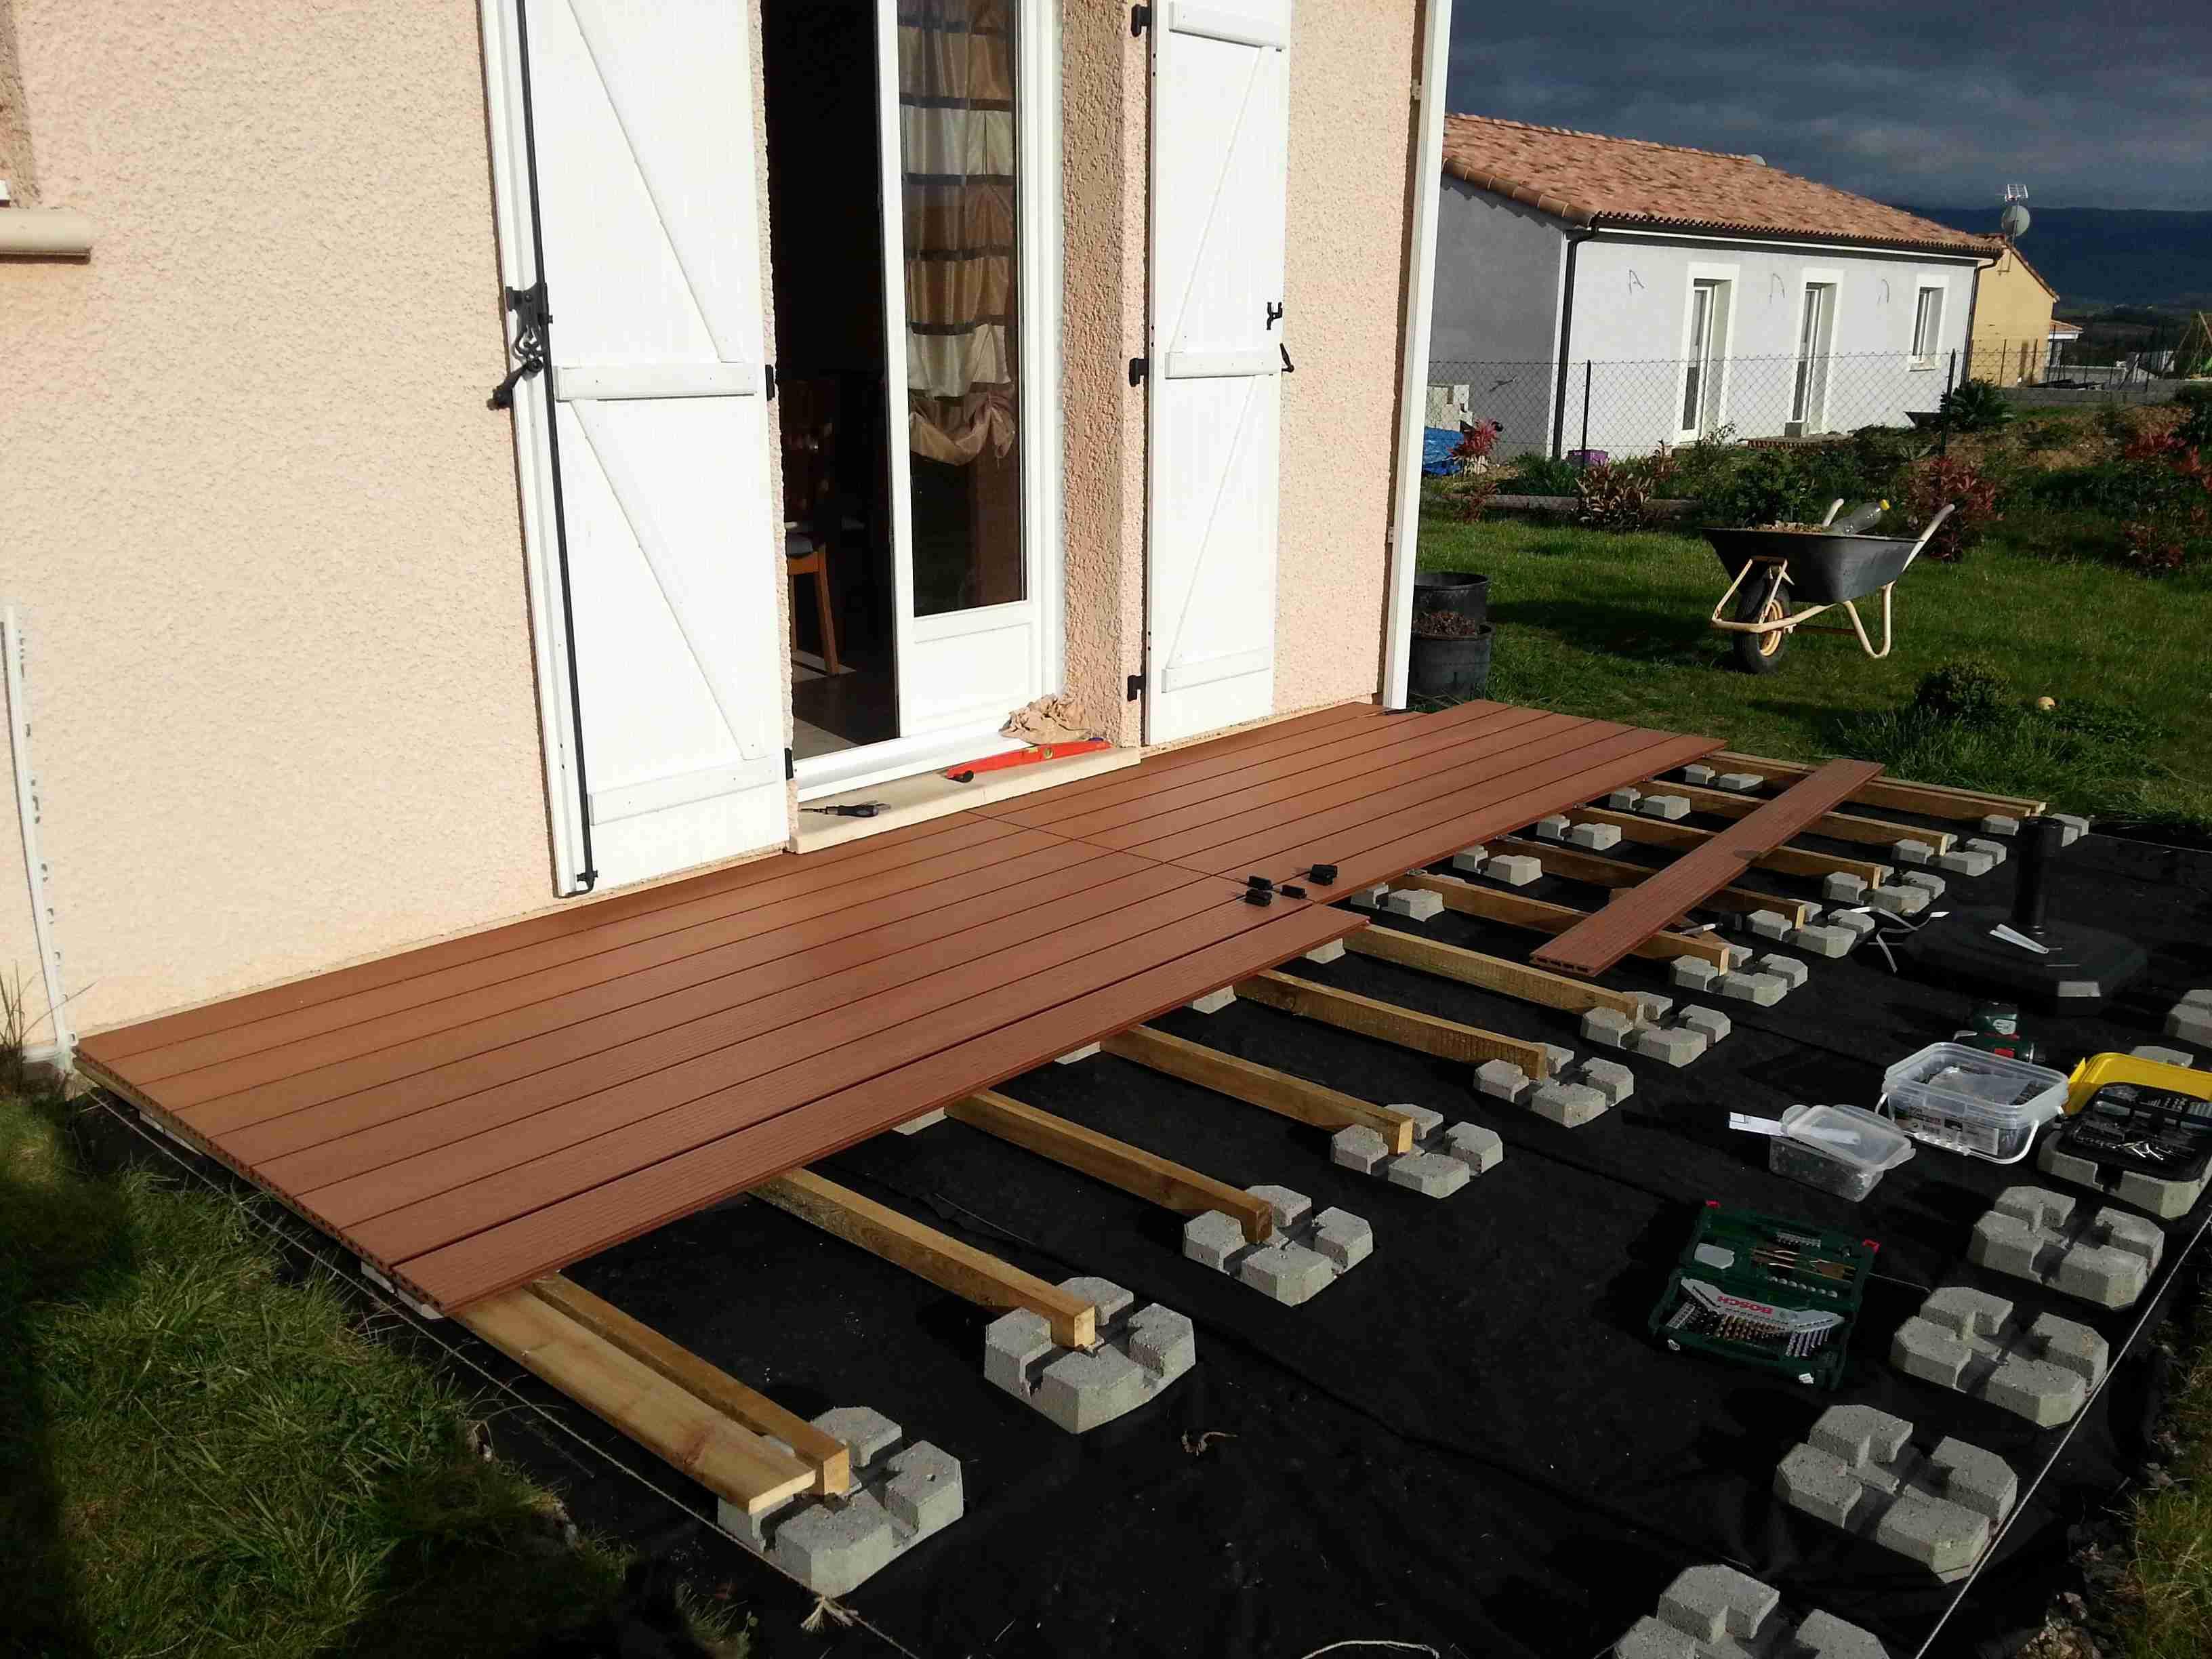 Terrasse Bois Ou Composite Prix - Mailleraye.fr Jardin destiné Plot Pvc Pour Terrasse Bois Brico Depot